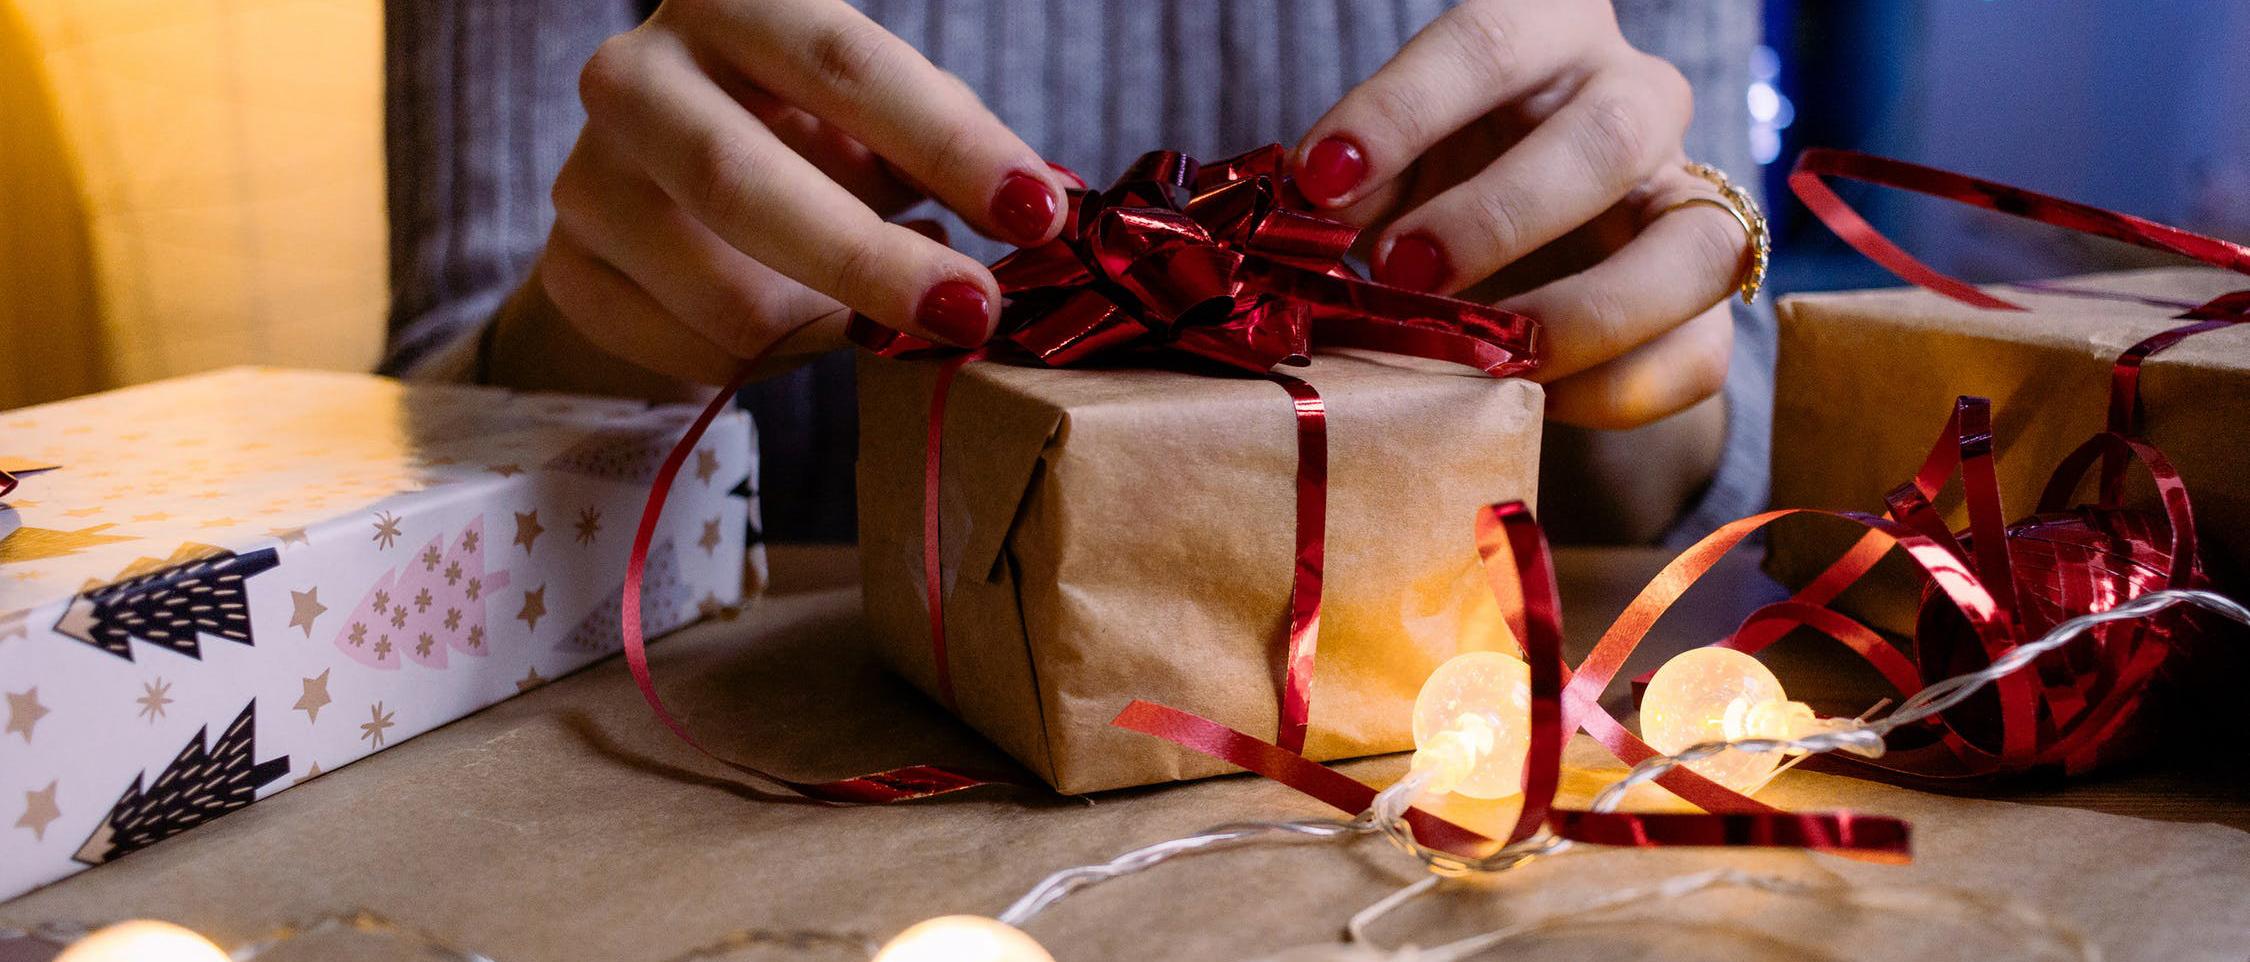 Sprawdź, czemu czytnik e-booków to idealny prezent na święta